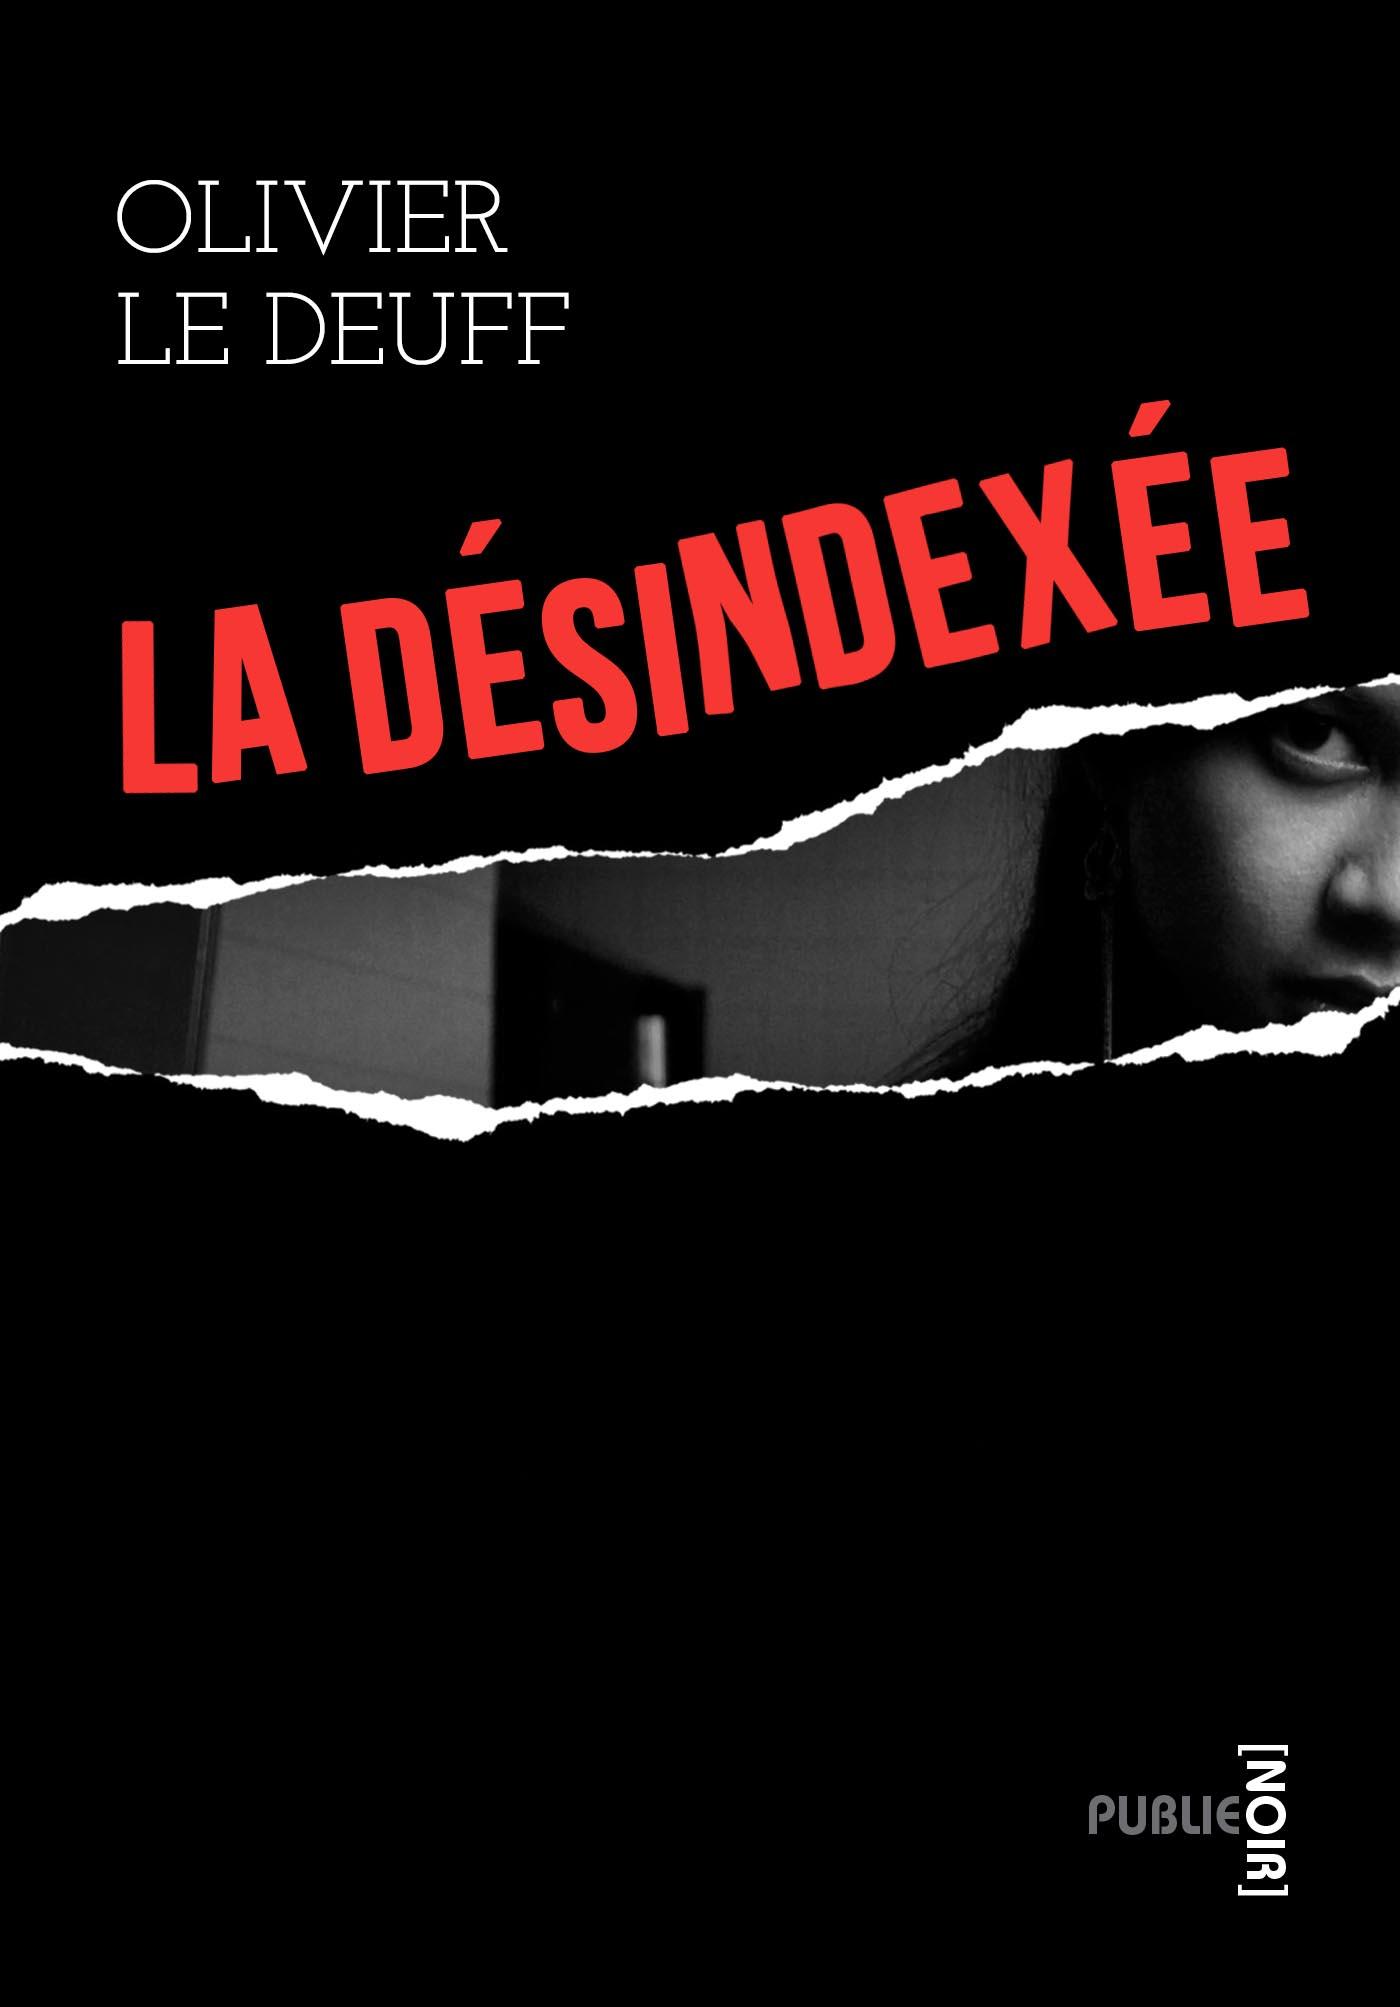 Couverture de La désindexée, d'Olivier Le Deuff